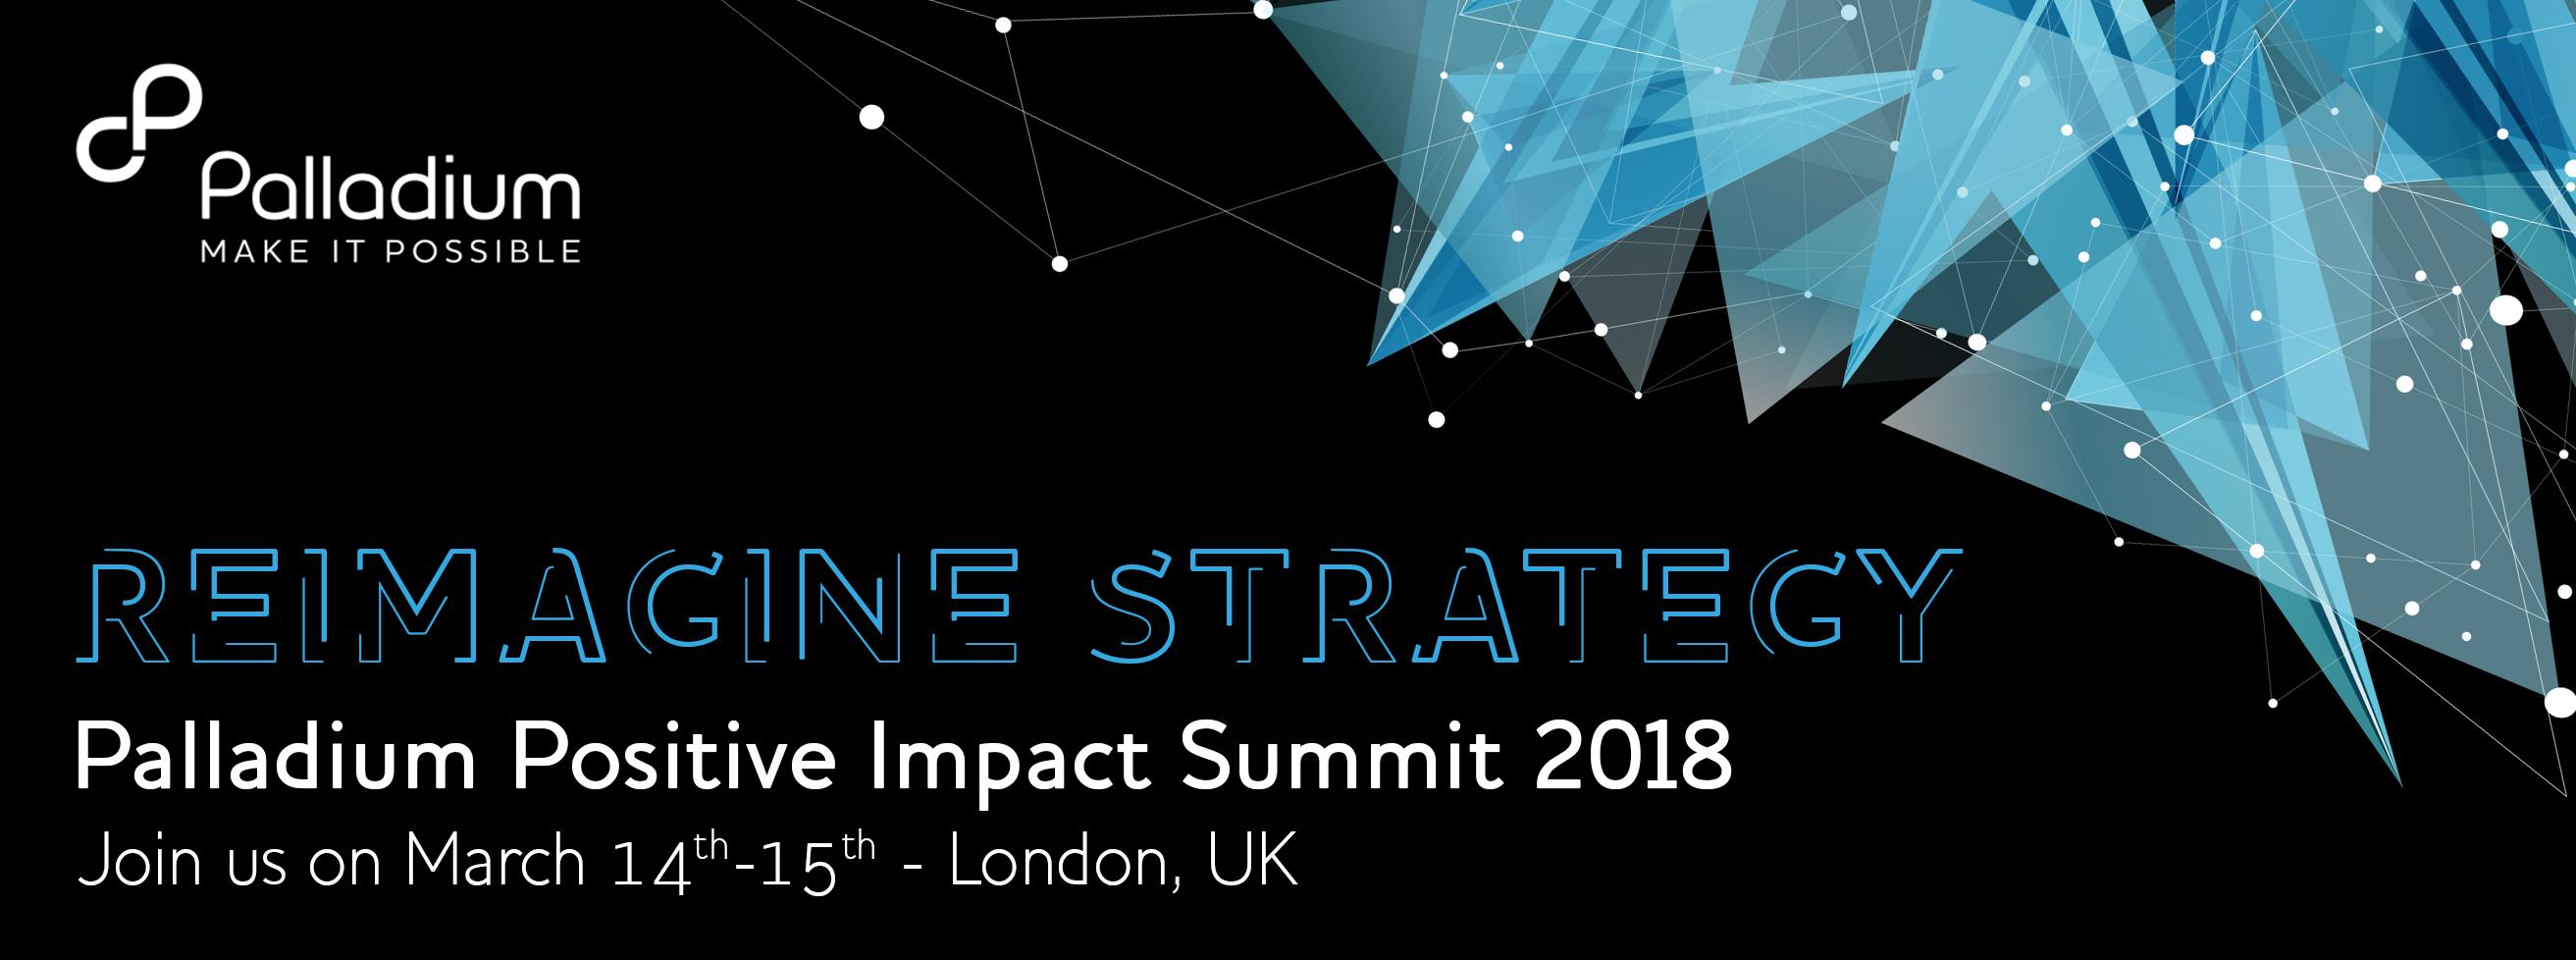 Palladium Summit 2018